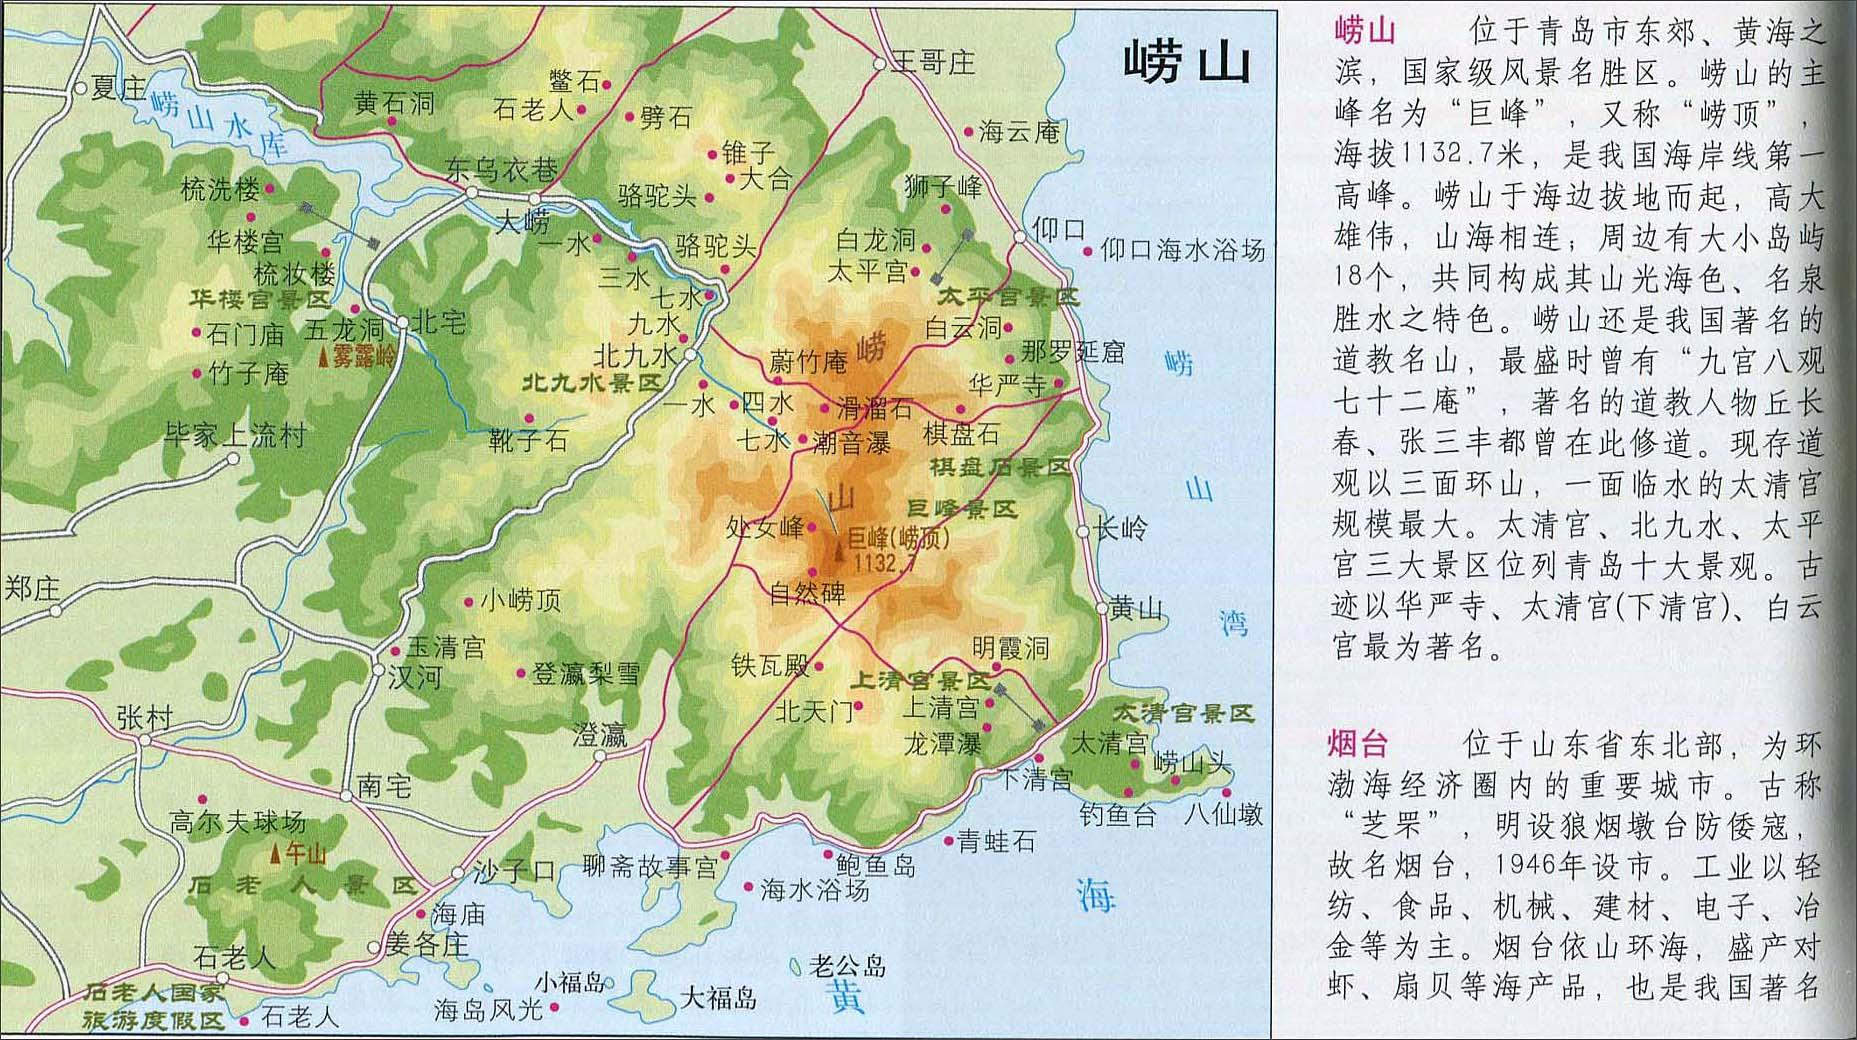 崂山旅游地图_山东旅游地图库